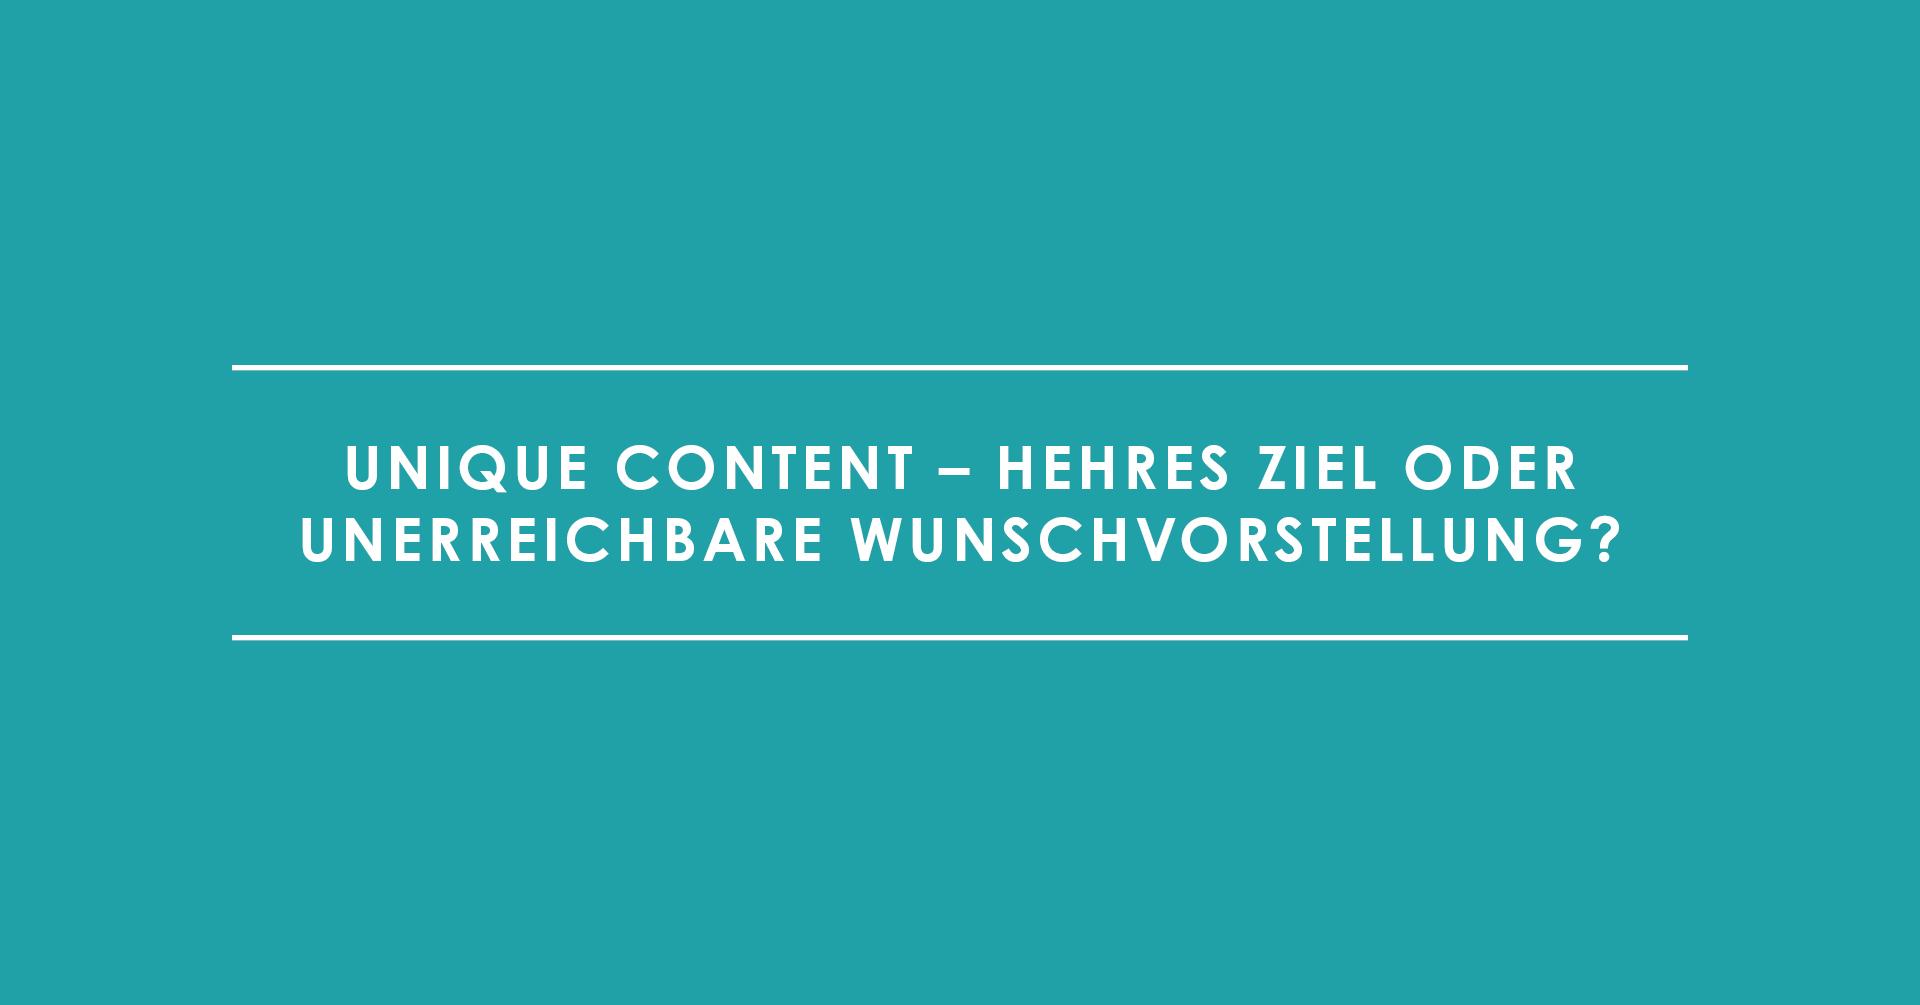 Unique Content – Hehres Ziel oder unerreichbare Wunschvorstellung?